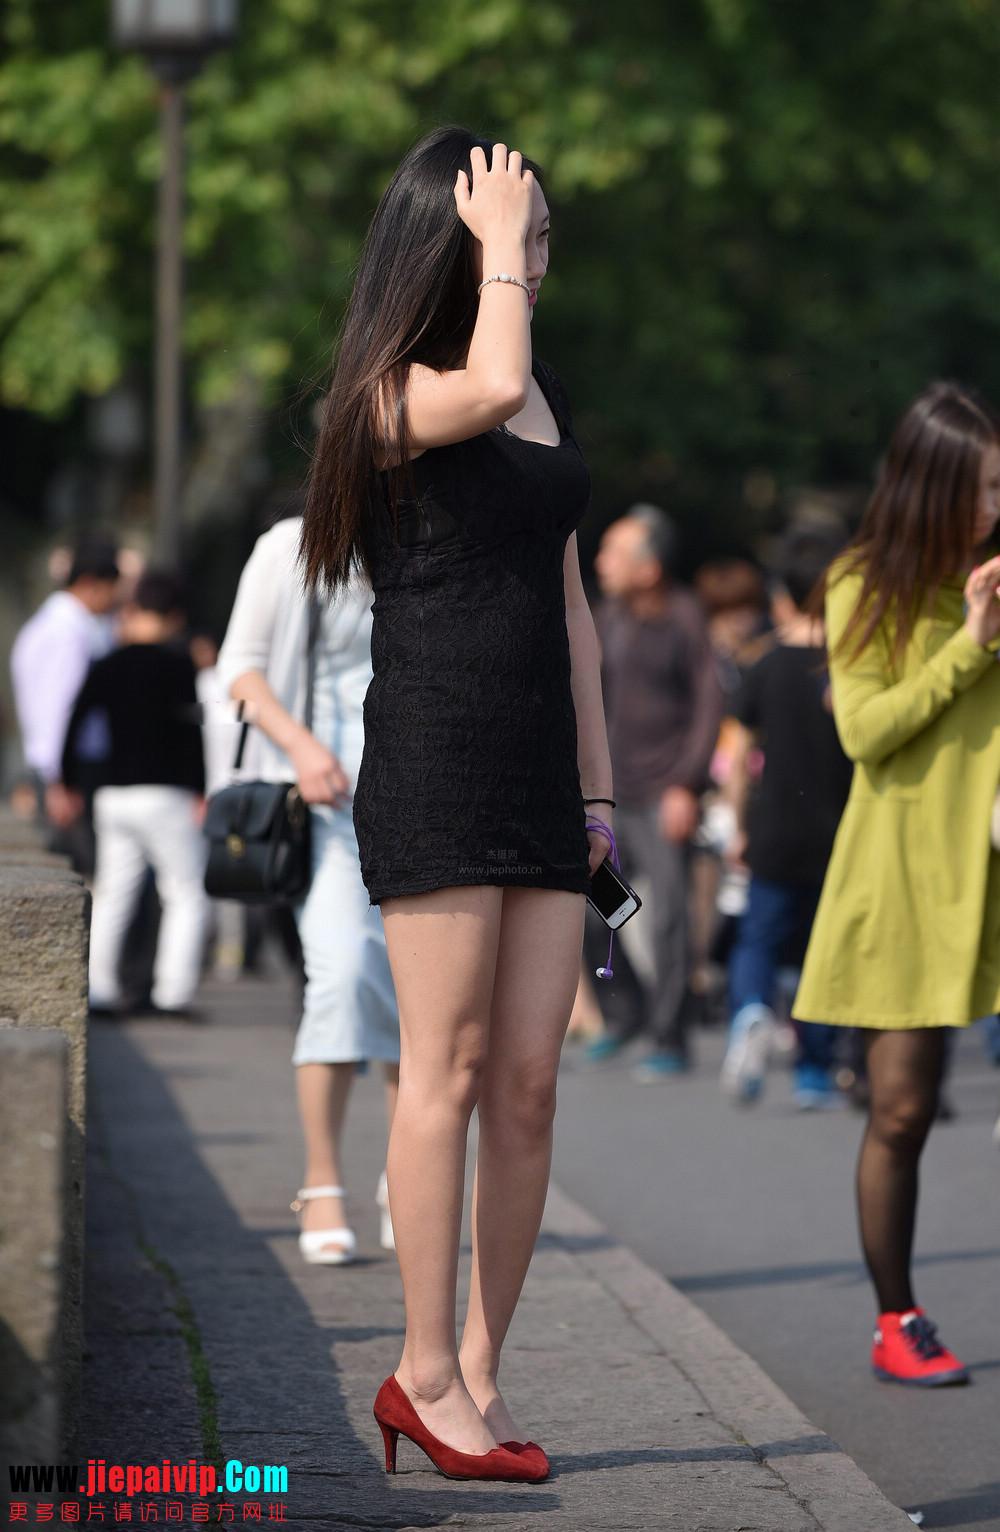 杭州街头街拍气质短裙美女10